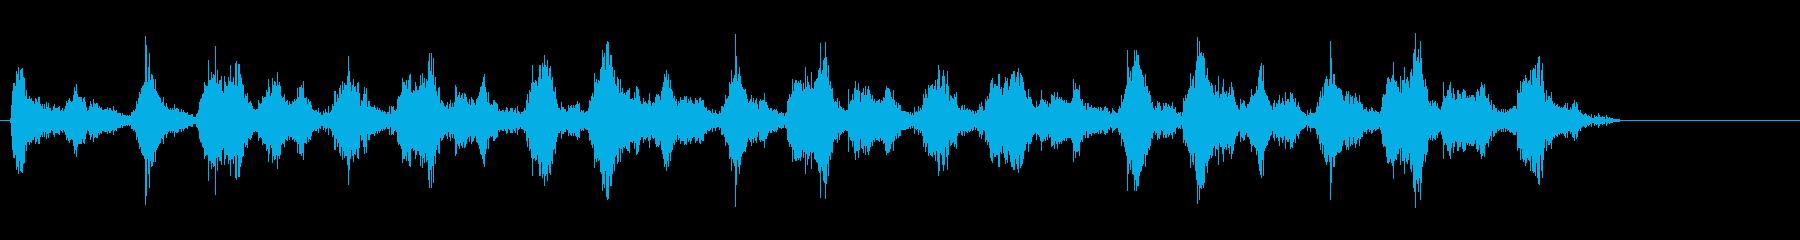 低周波シンセ音の脈動。の再生済みの波形